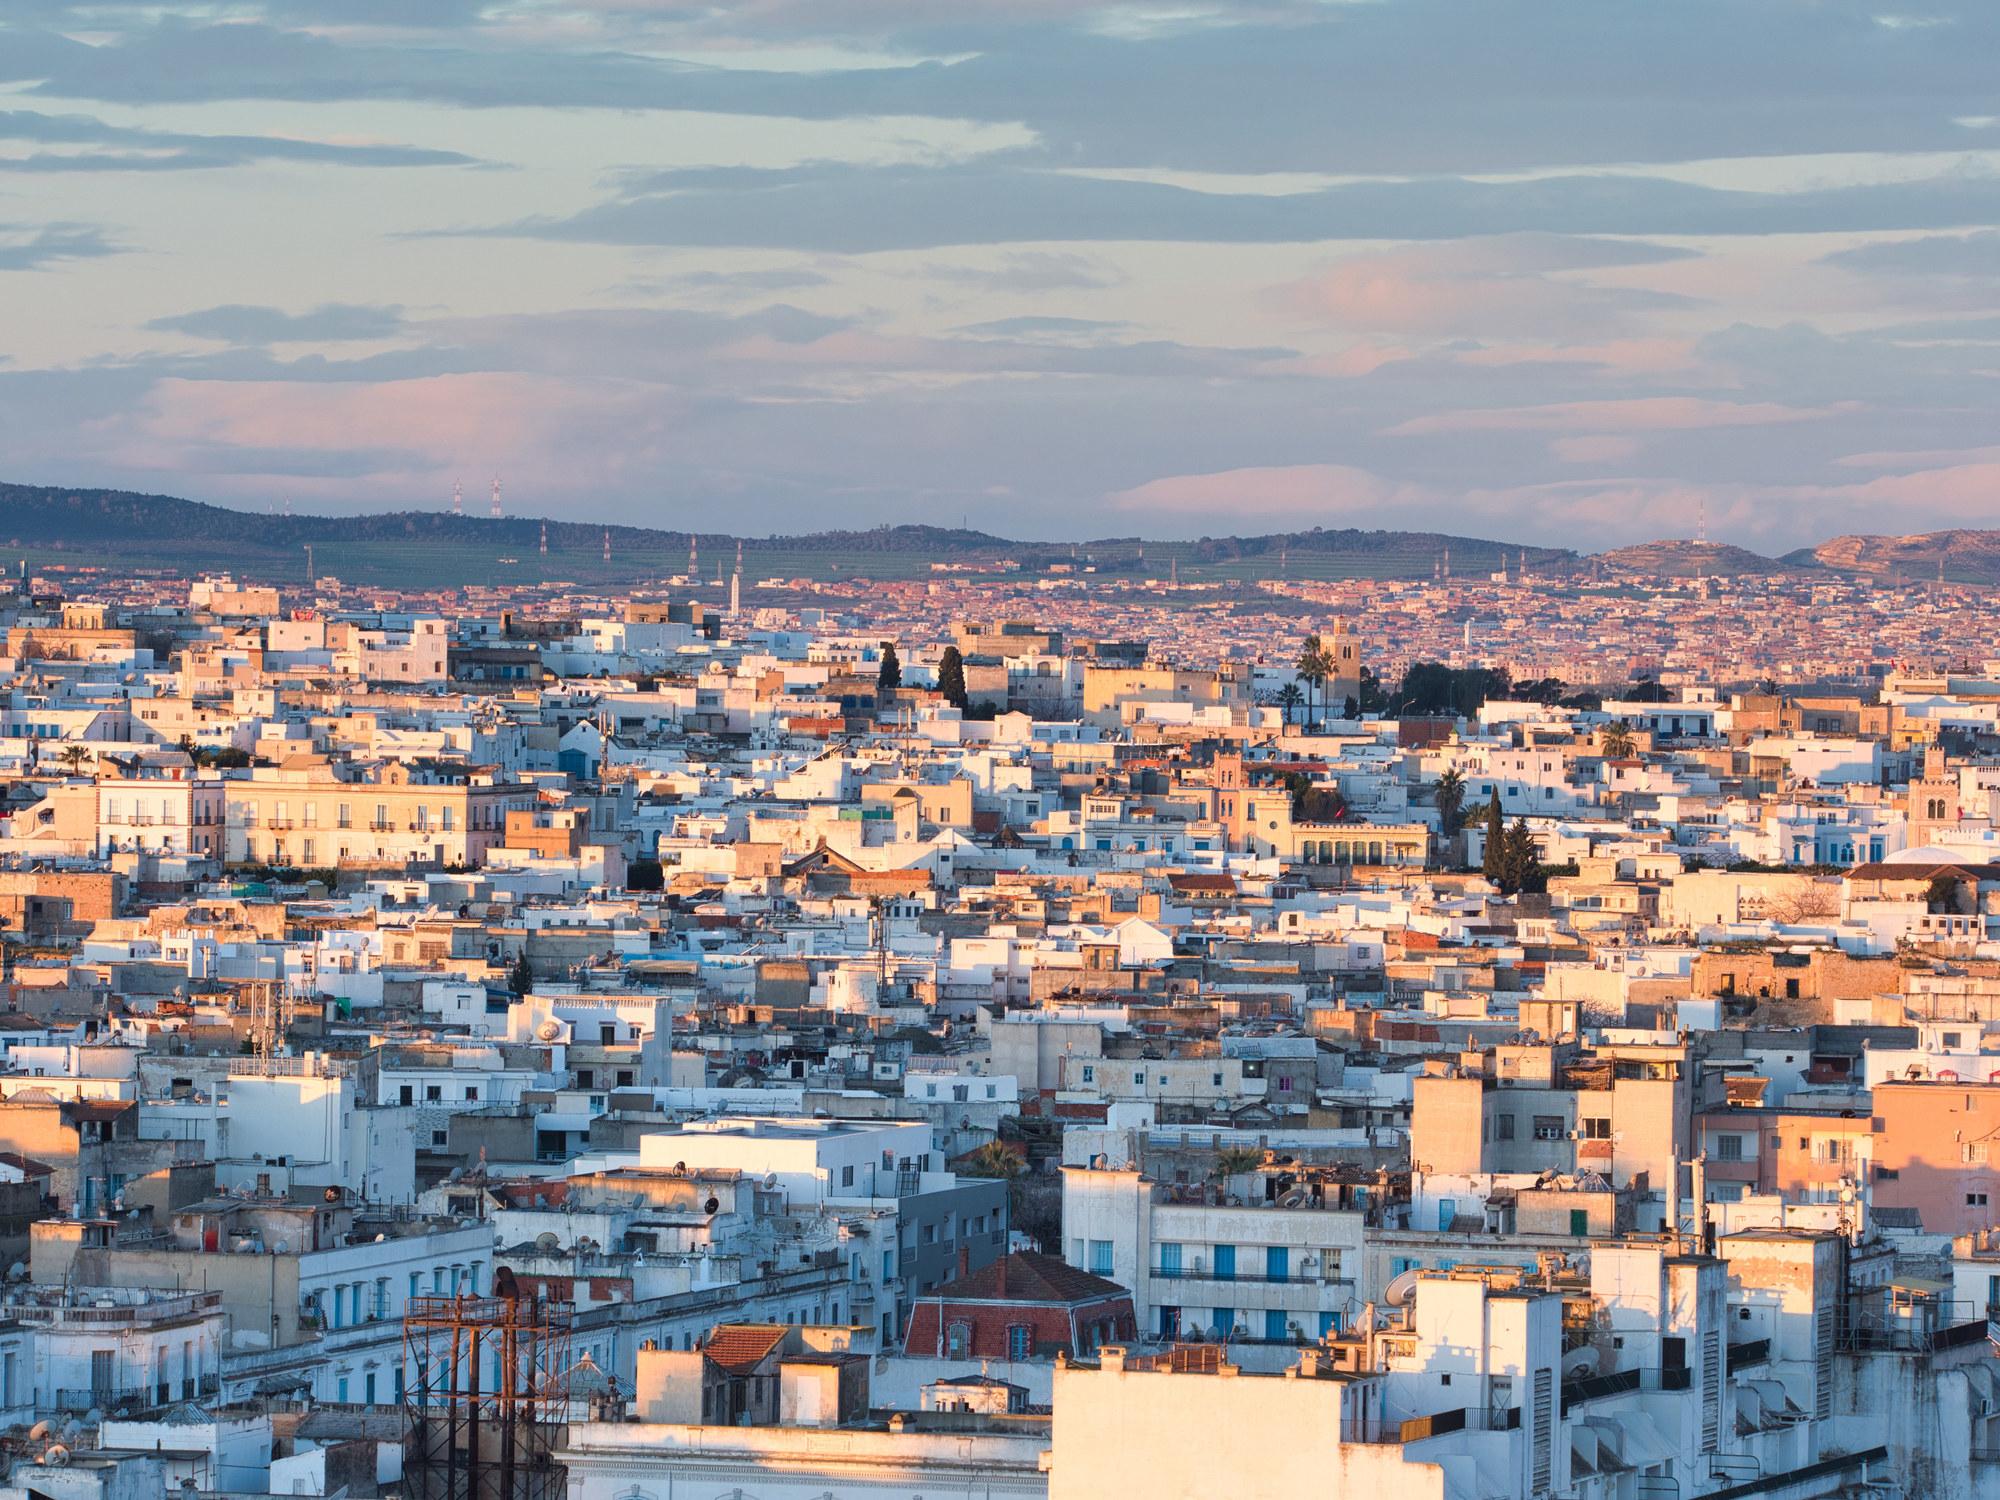 A city view in Tunisia.